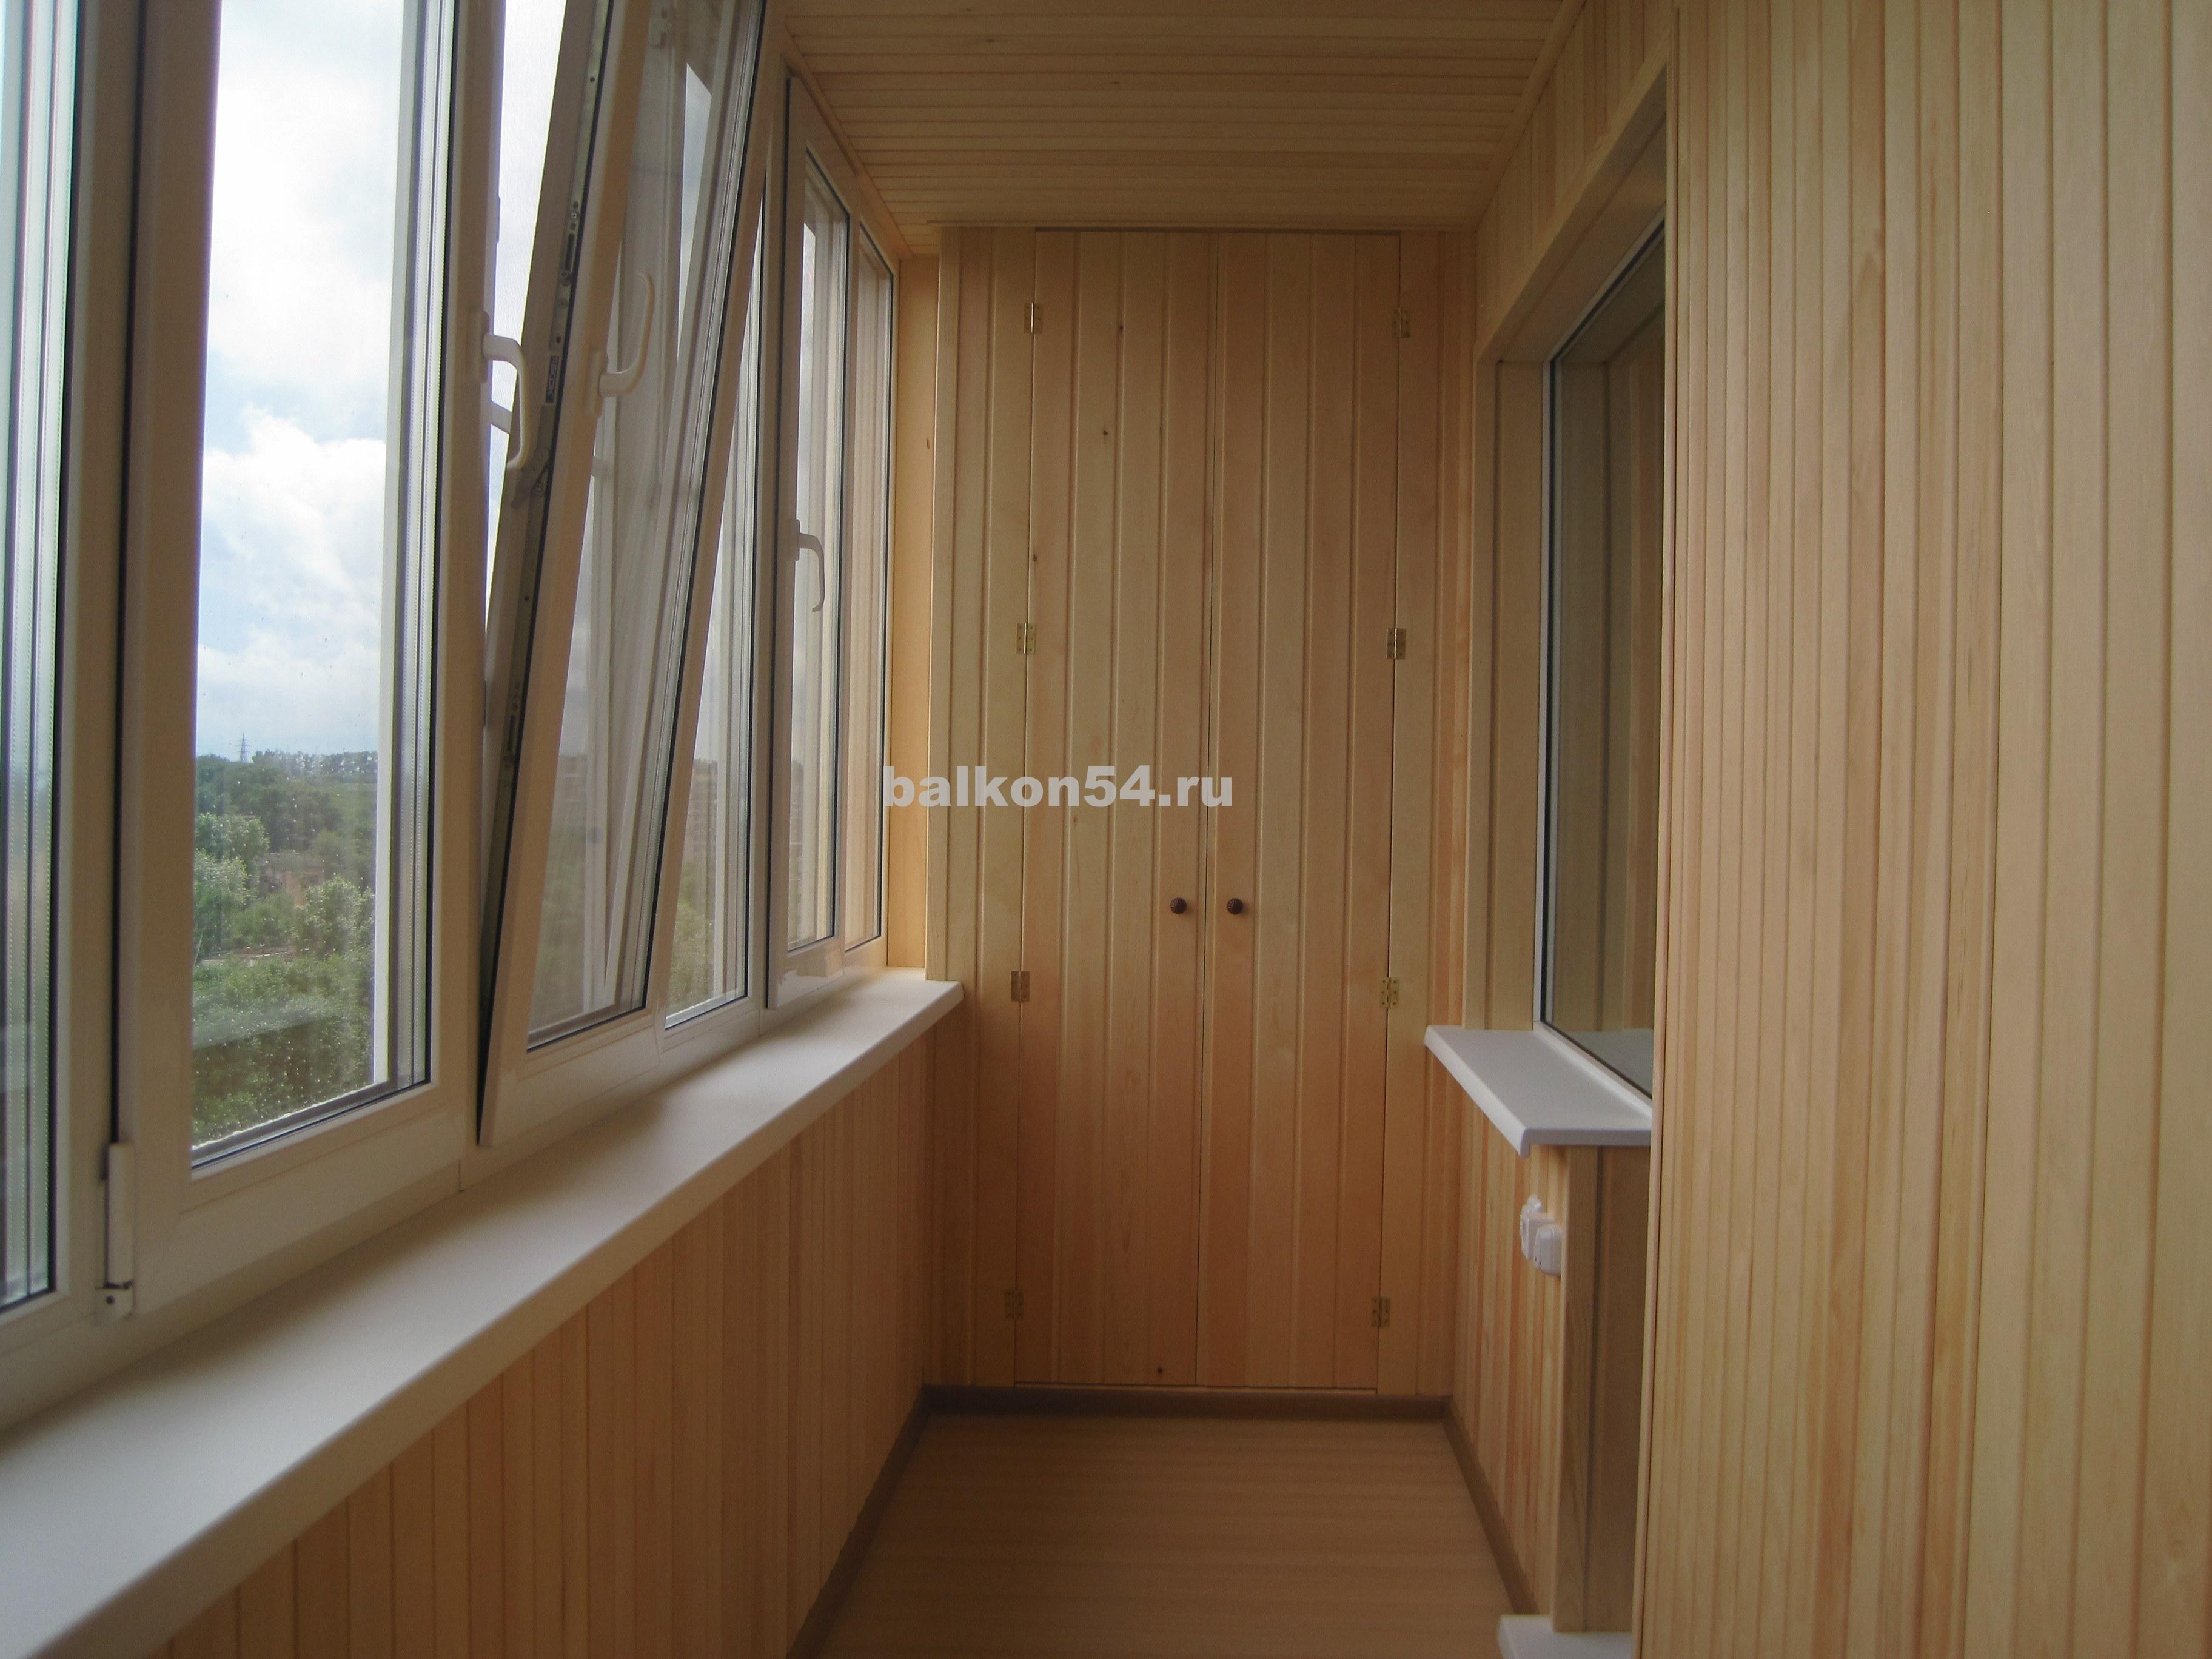 Фотографии обшивки балконов и лоджий евровагонкой, пластиков.